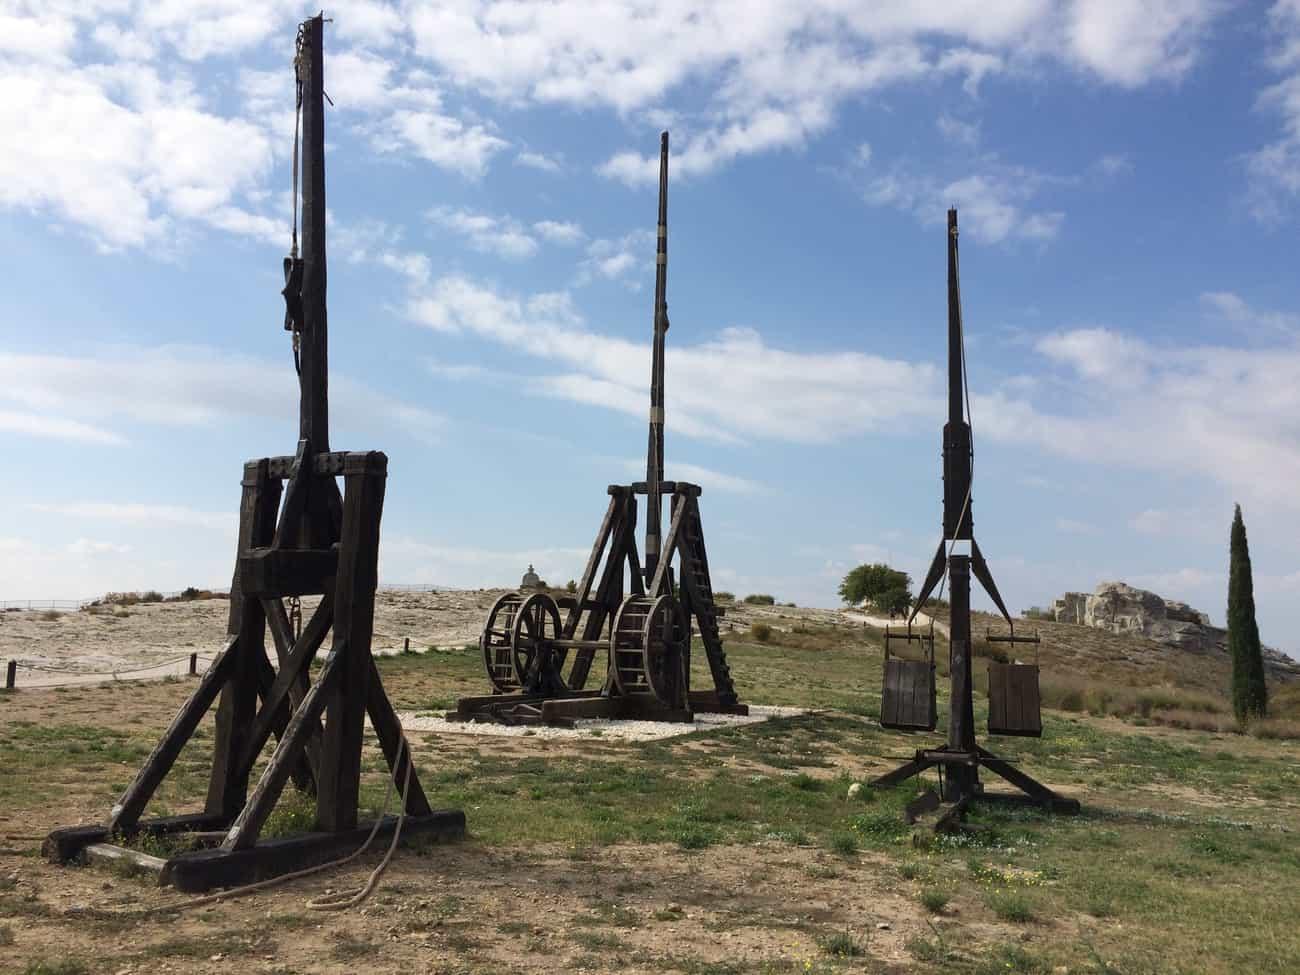 Les Baux - siege engines